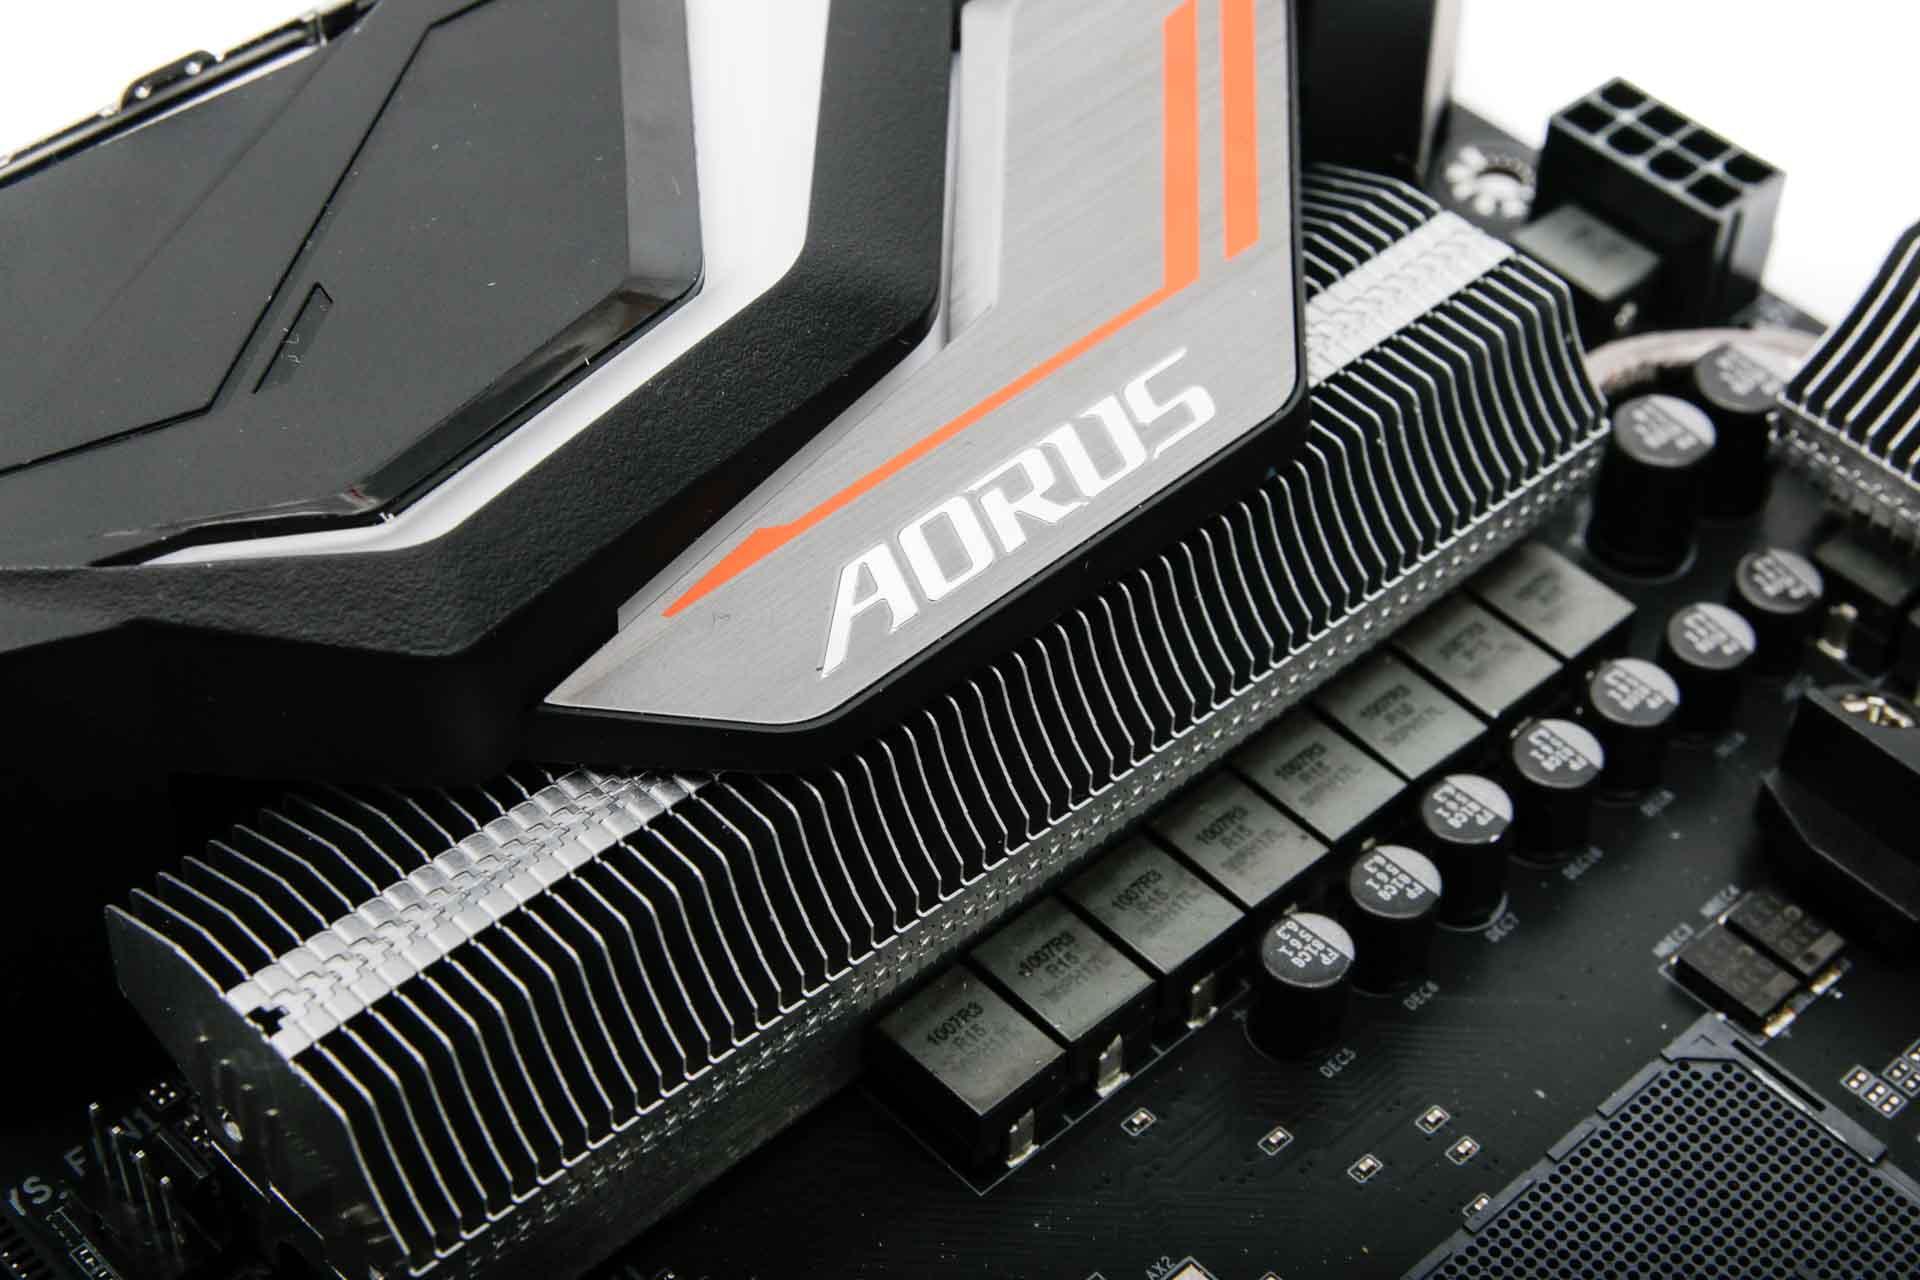 Gigabyte X470 Aorus Gaming 7 WiFi Review | bit-tech net